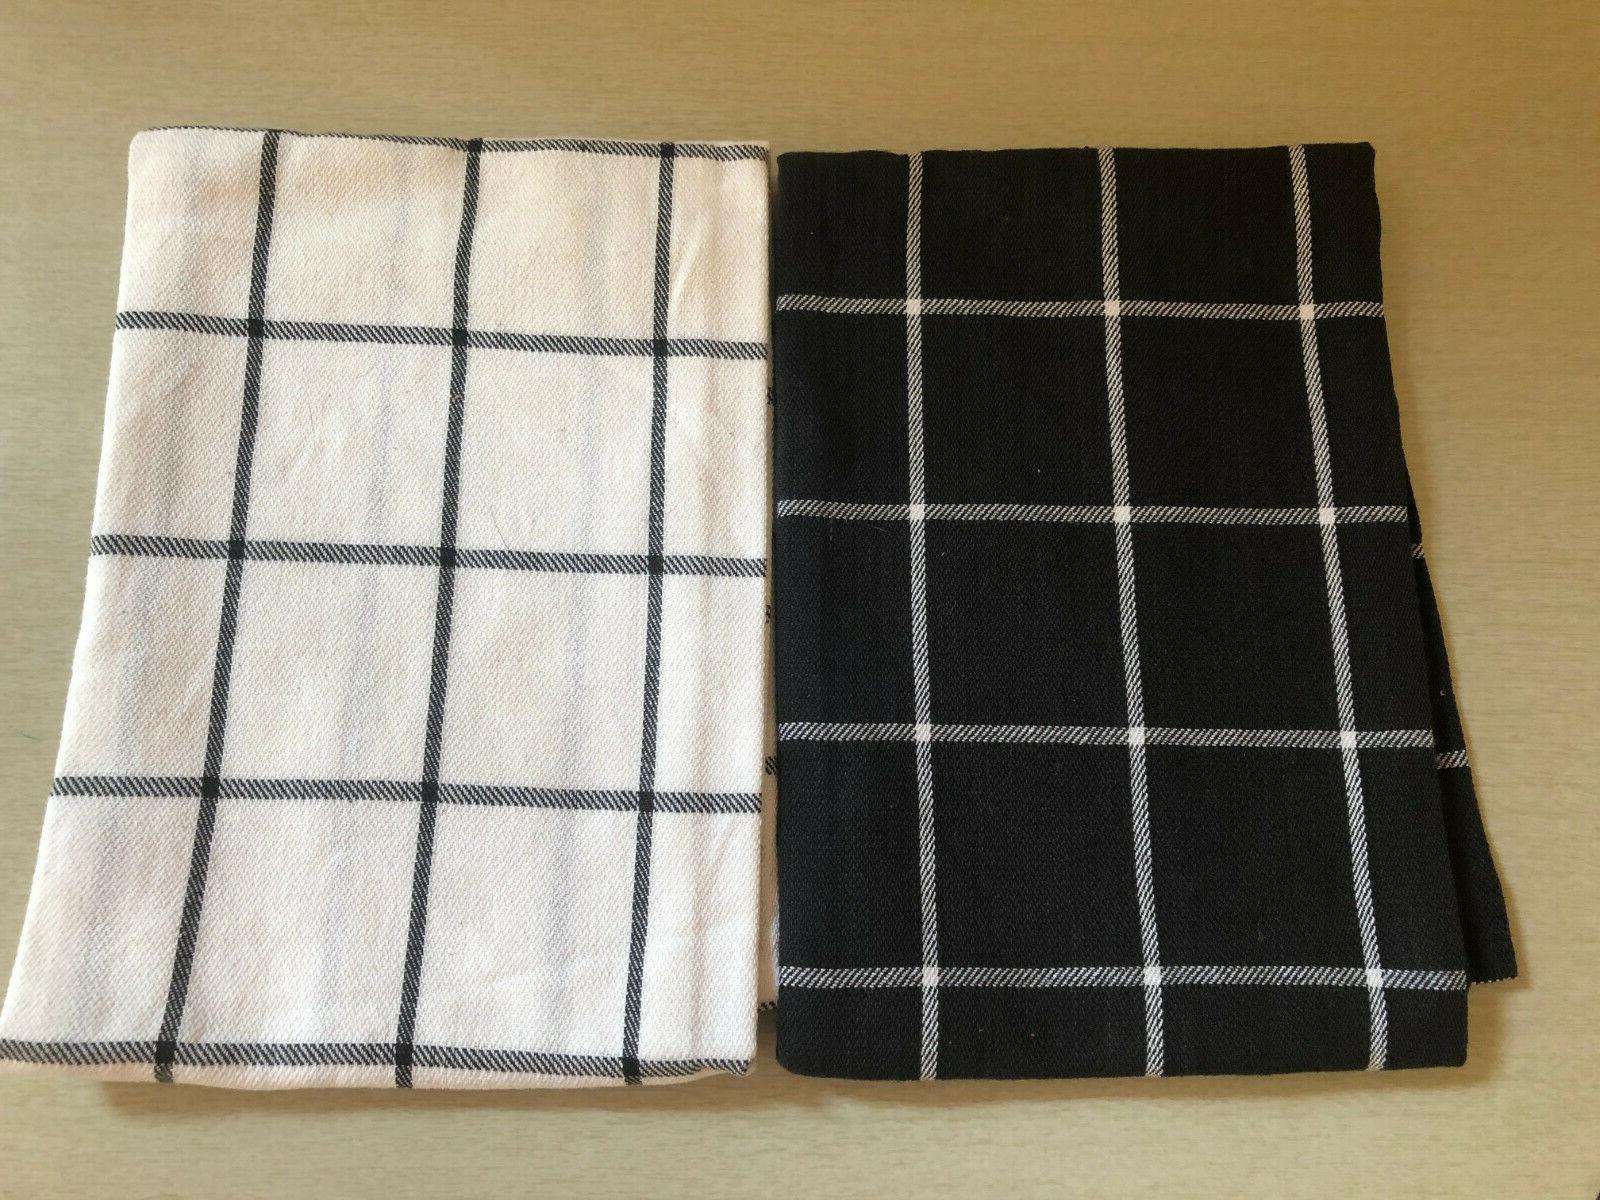 kitchen towels 2 black white windowpane cotton